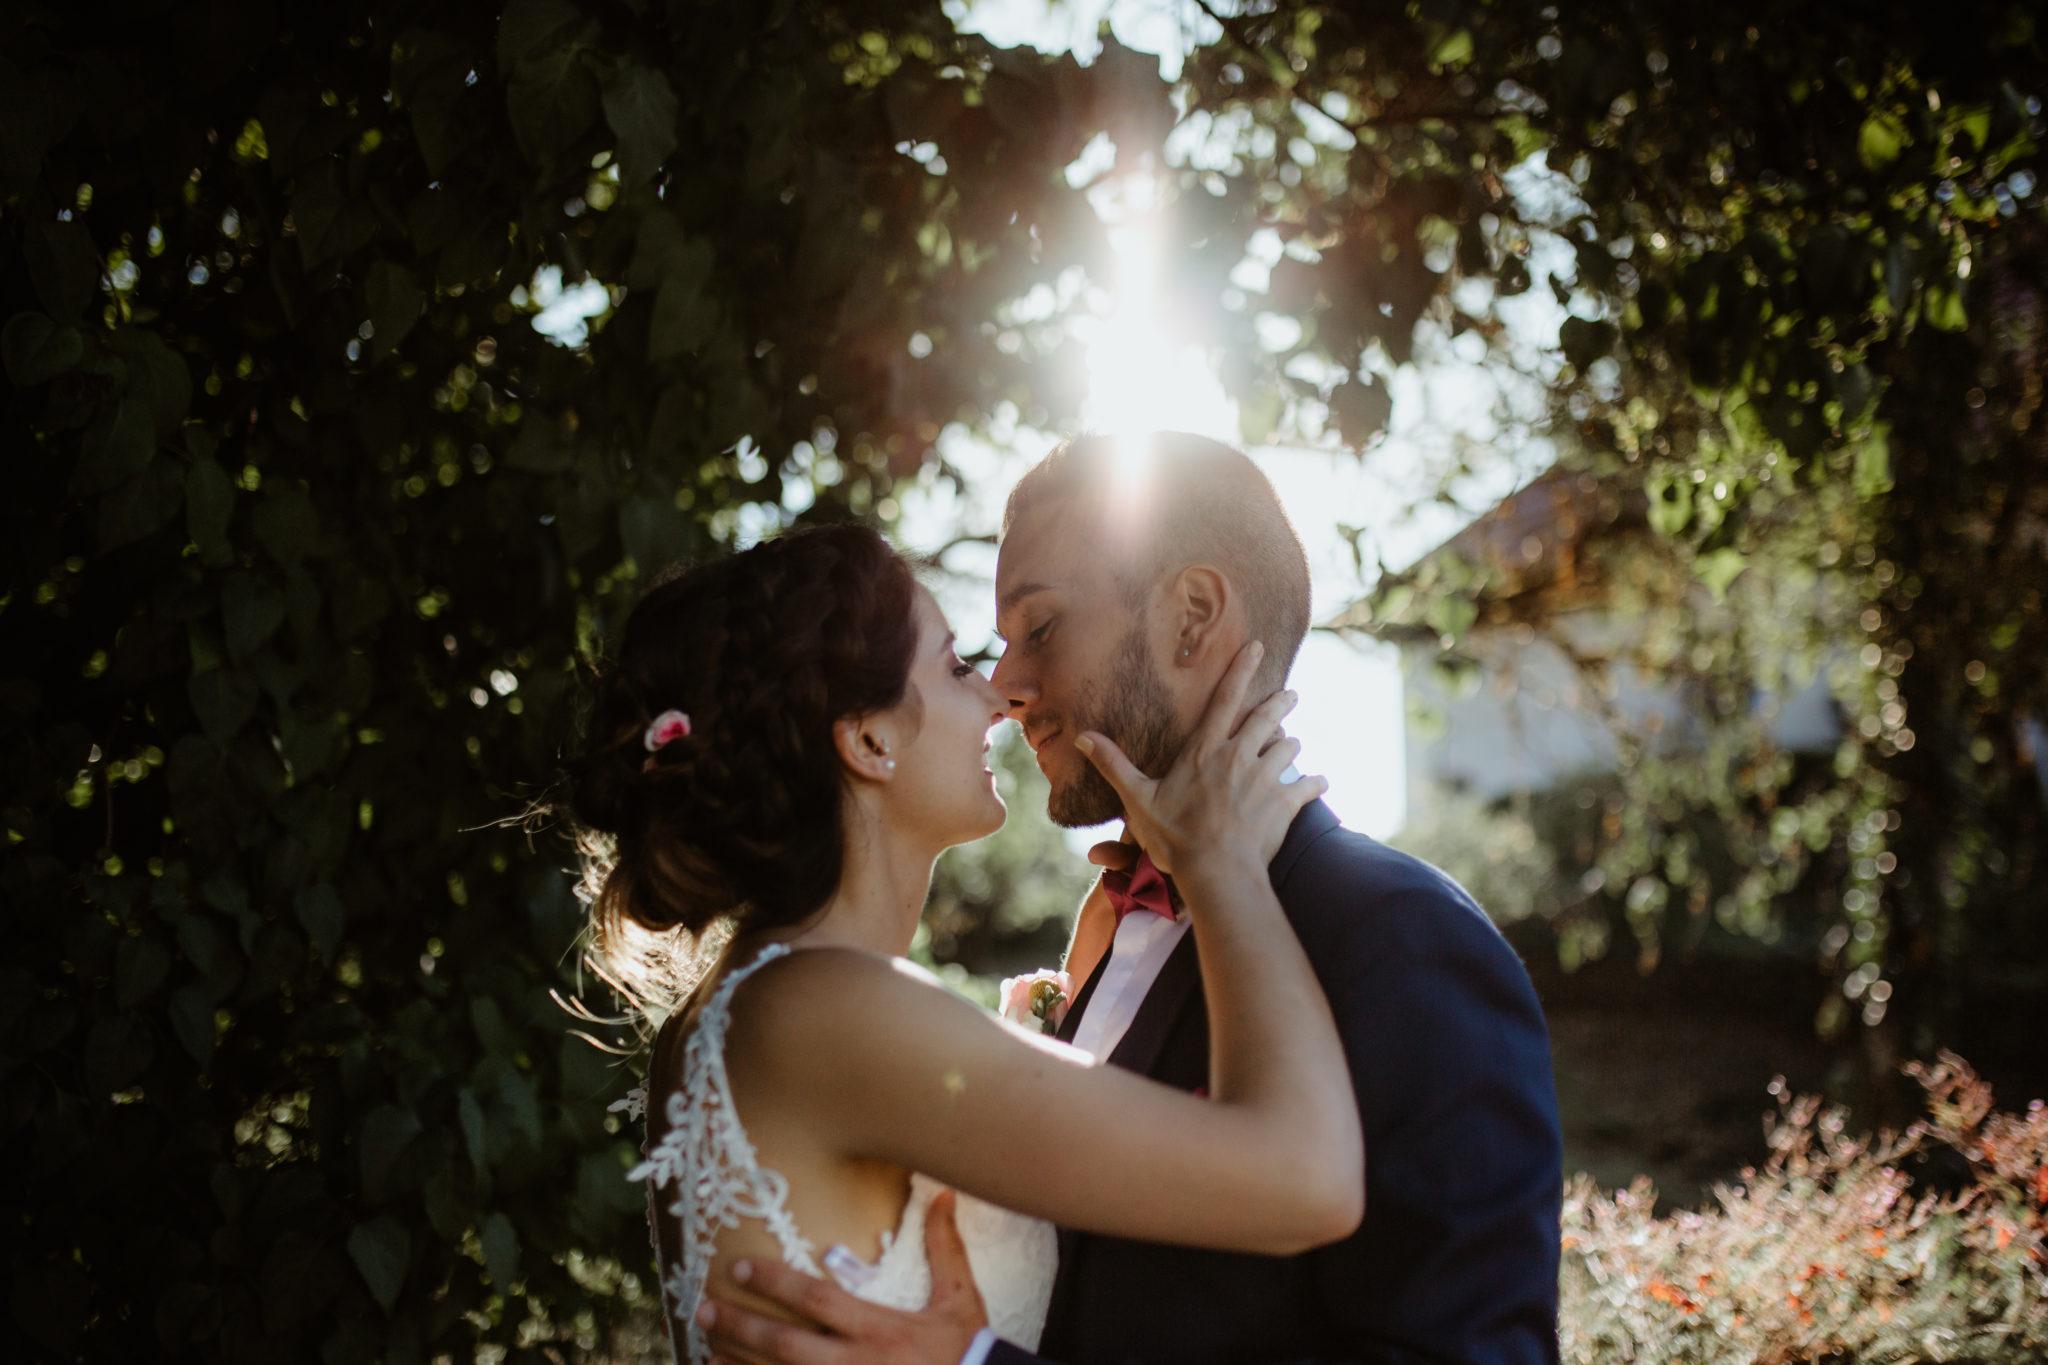 Photographe de Mariage à Besançon, en Suisse, dans le Jura, en Franche-Comté et en Bourgogne - Sonia Oysel